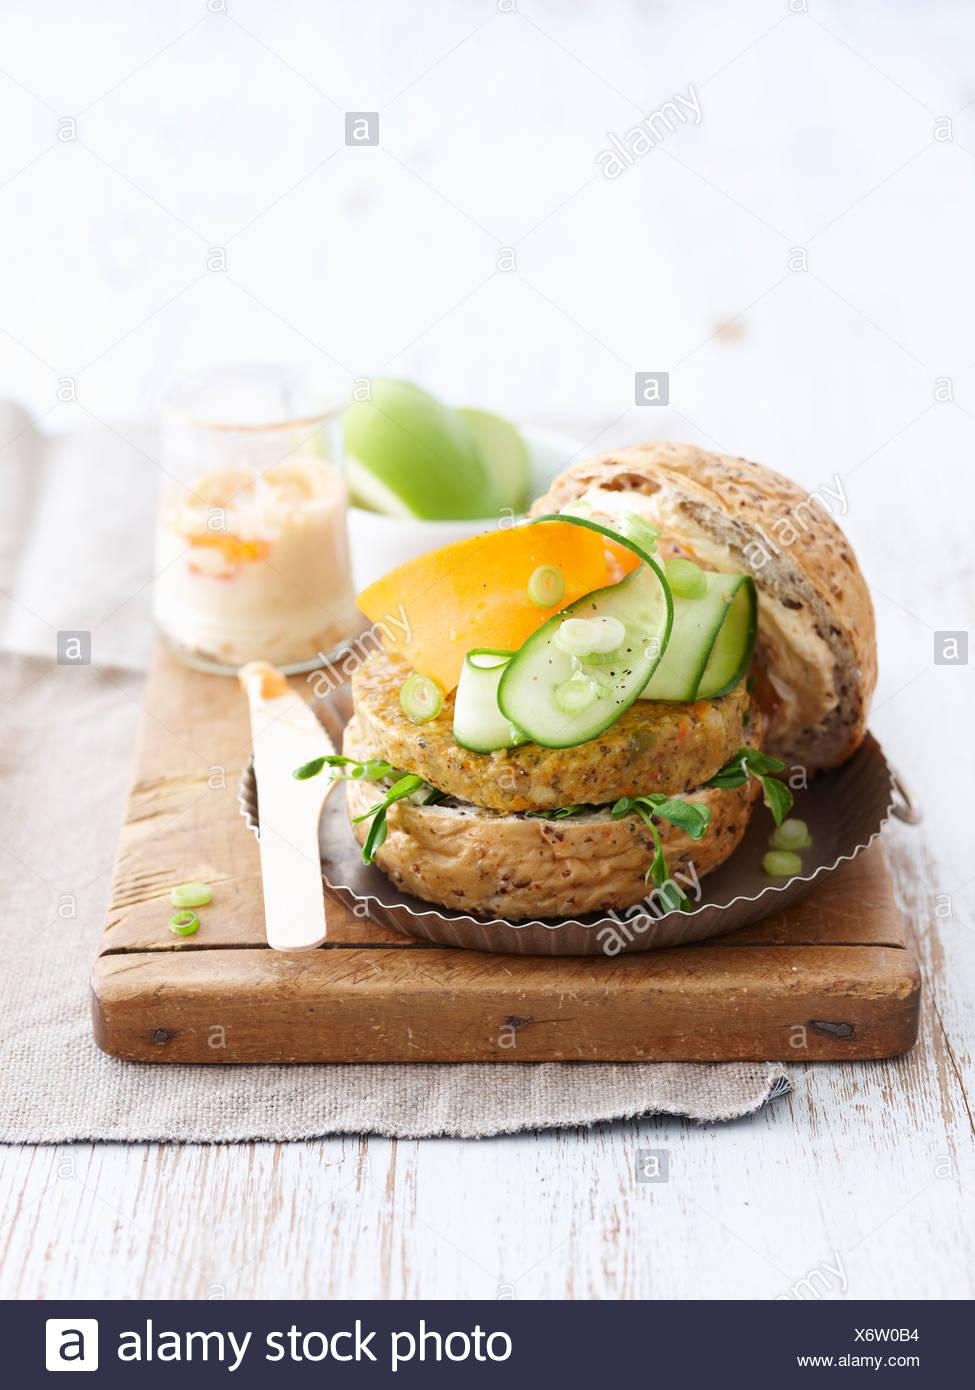 Sandwich mit vegetarischen patty Stockbild